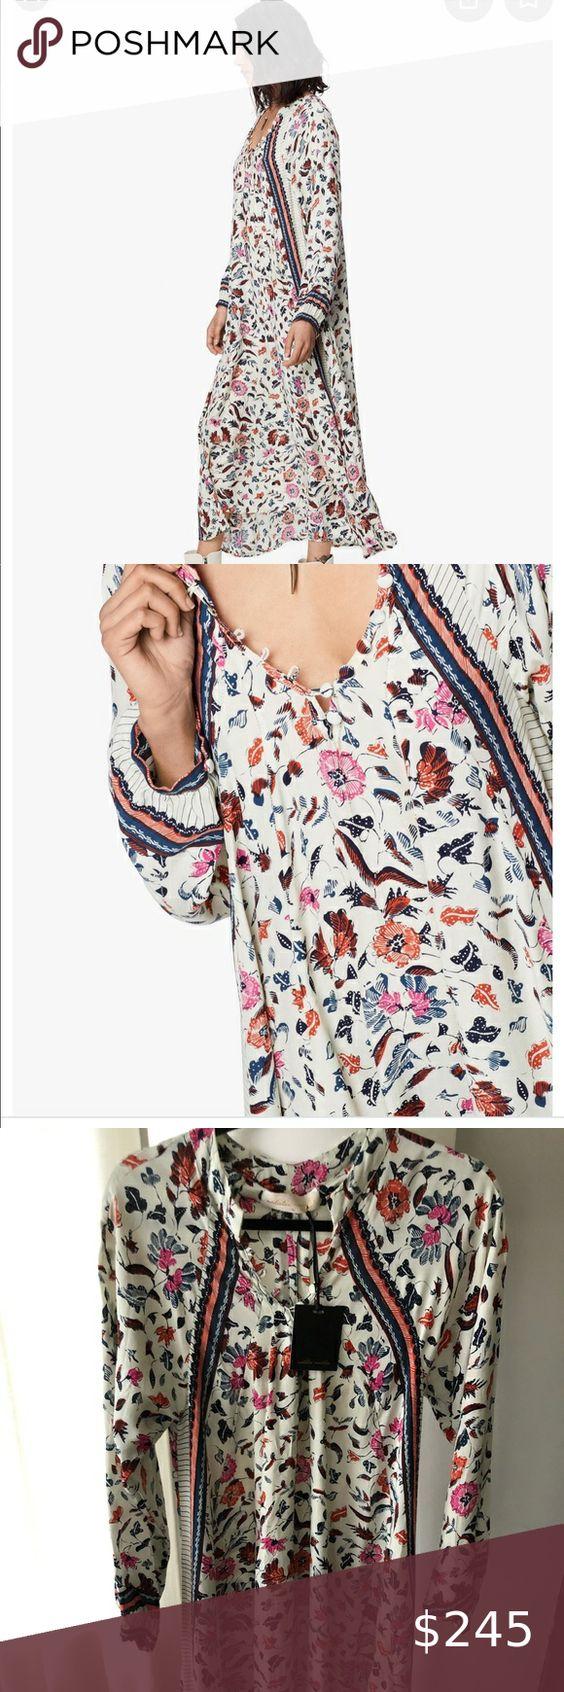 Natalie Martin Fiore Maxi Dress Silk Maxi Dress In Wildflower Nwt Dresses Maxi Maxi Dress Silk Maxi Dress Dresses [ 1692 x 564 Pixel ]